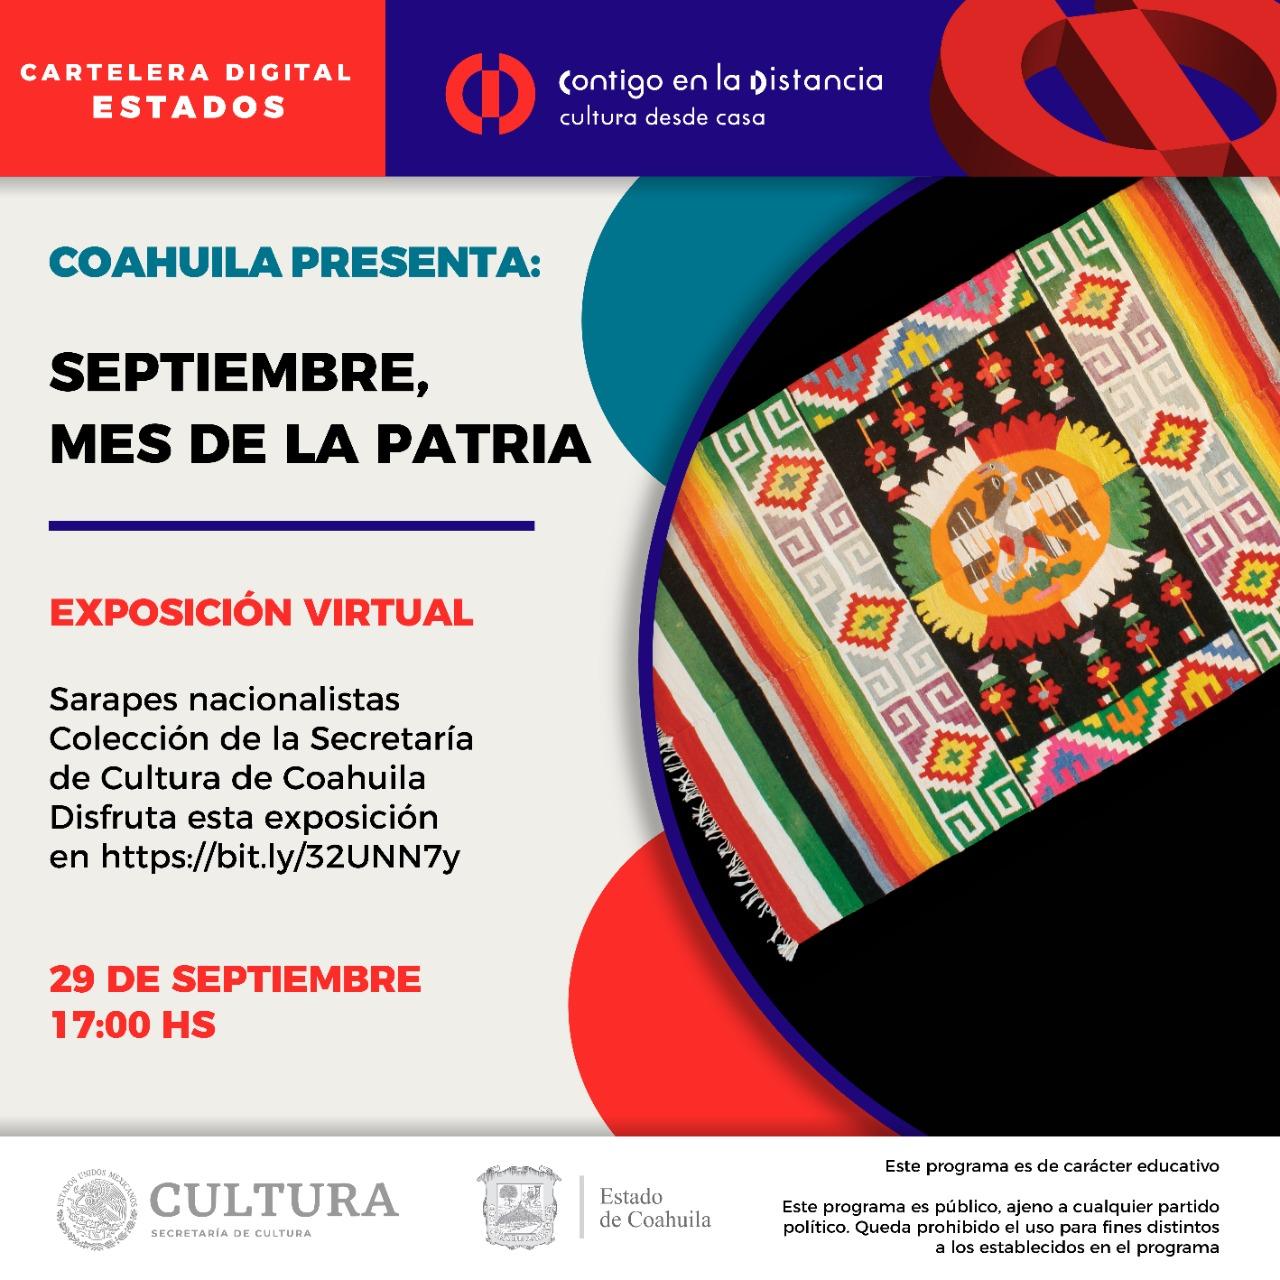 Coahuila presenta: Septiembre, mes de la Patria.